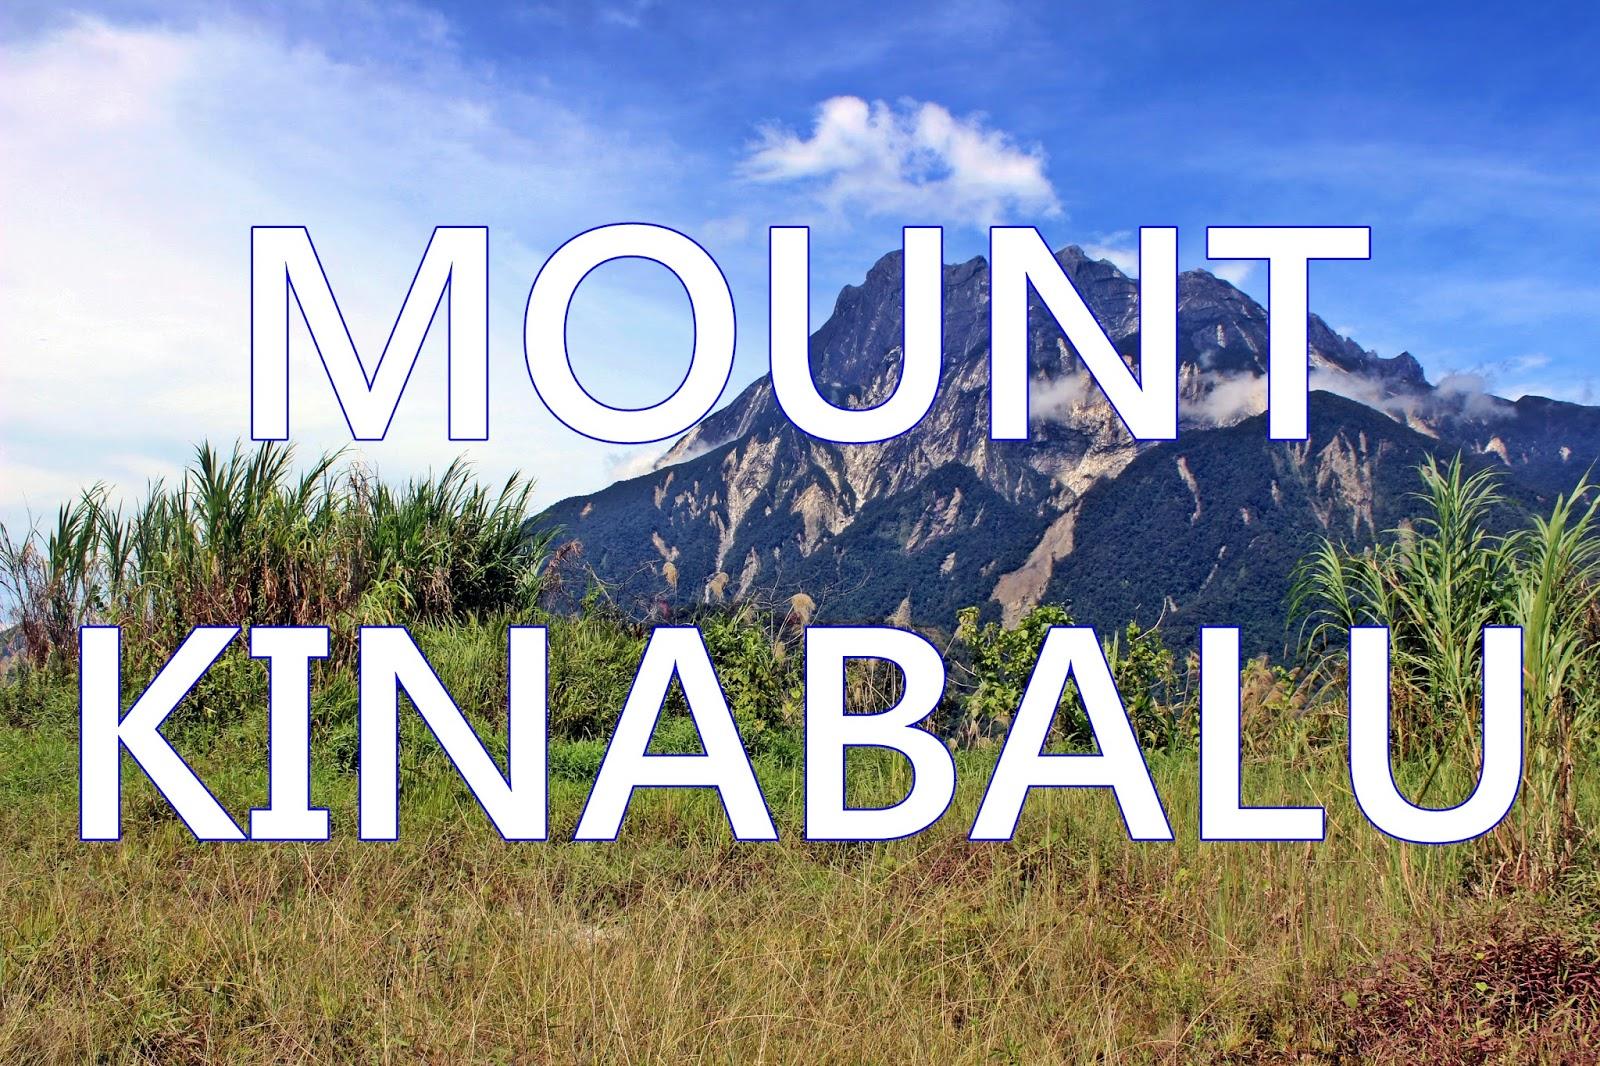 pemandangan gunung kinabalu megah menjulang langit yang mengagumkan gambar gambar